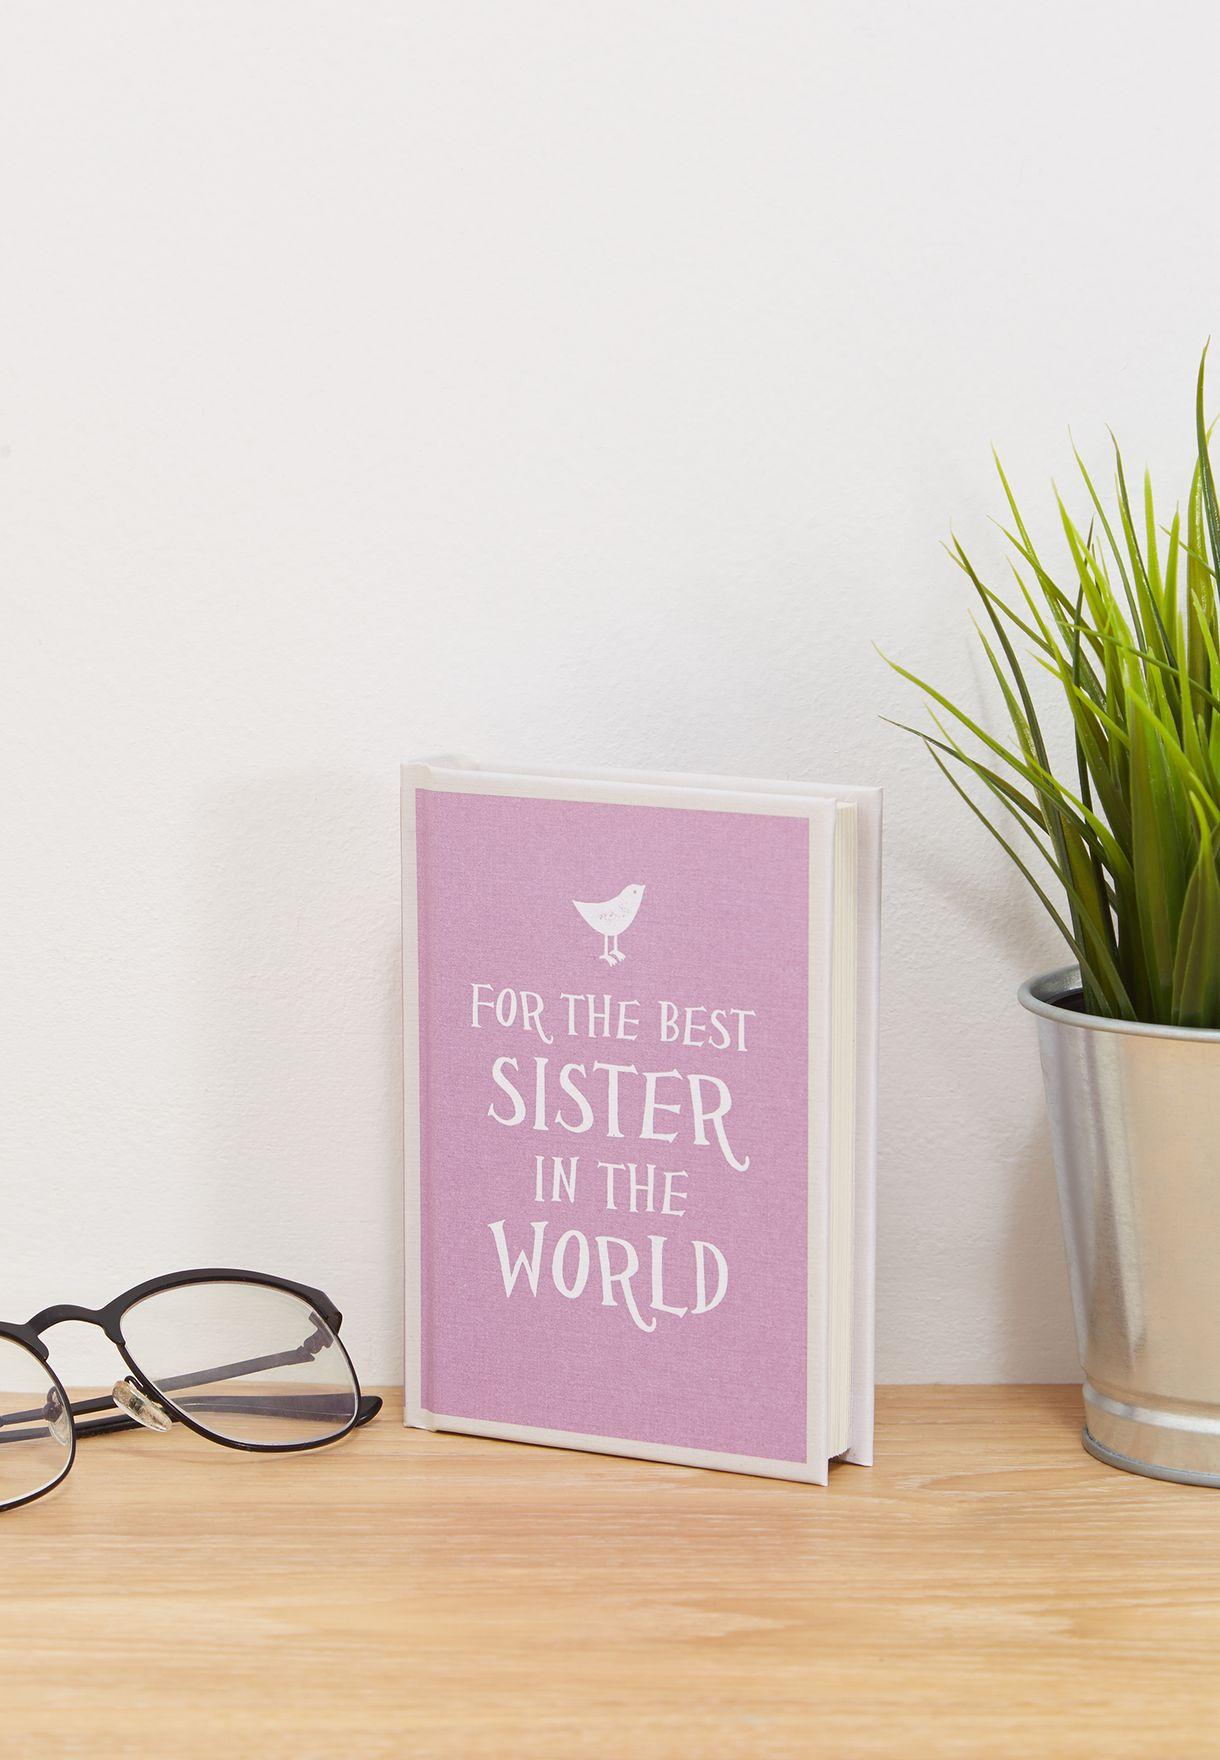 بالصور كلام جميل عن الاخت , ثاني قلب حنون في العائله هي اختي 4430 6